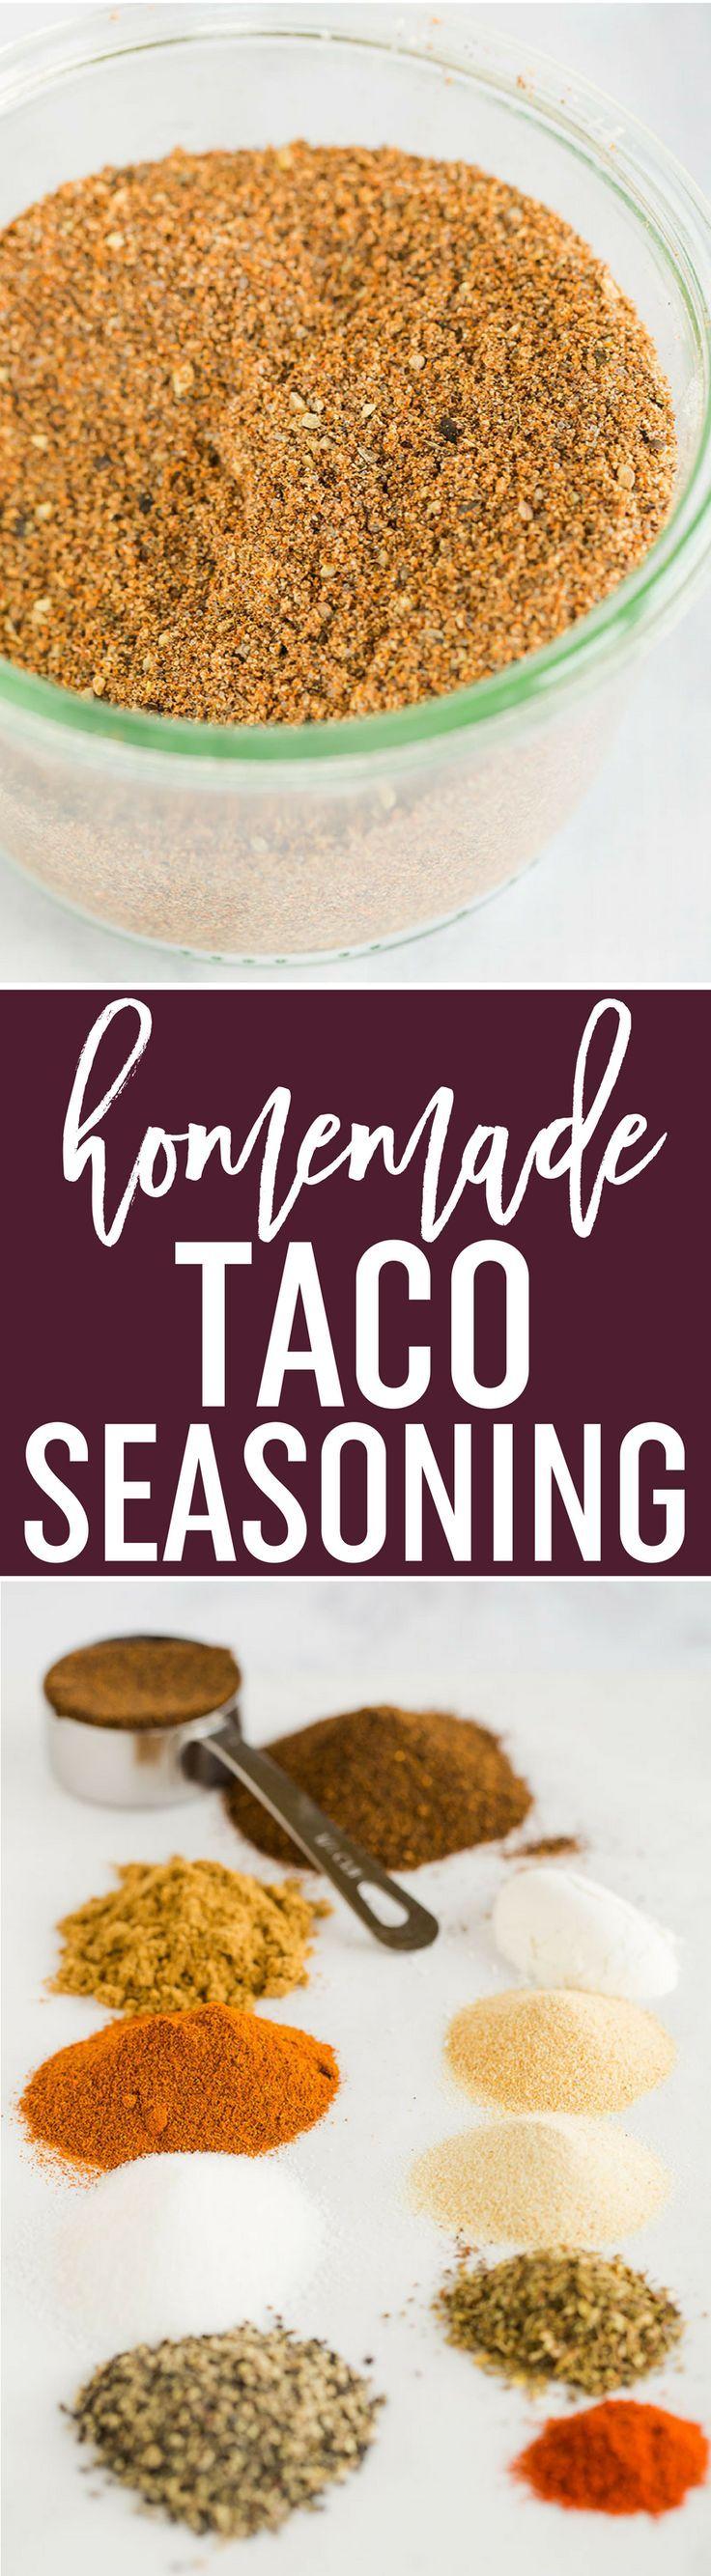 Best 25+ Homemade tacos ideas on Pinterest | Crunchwrap ...